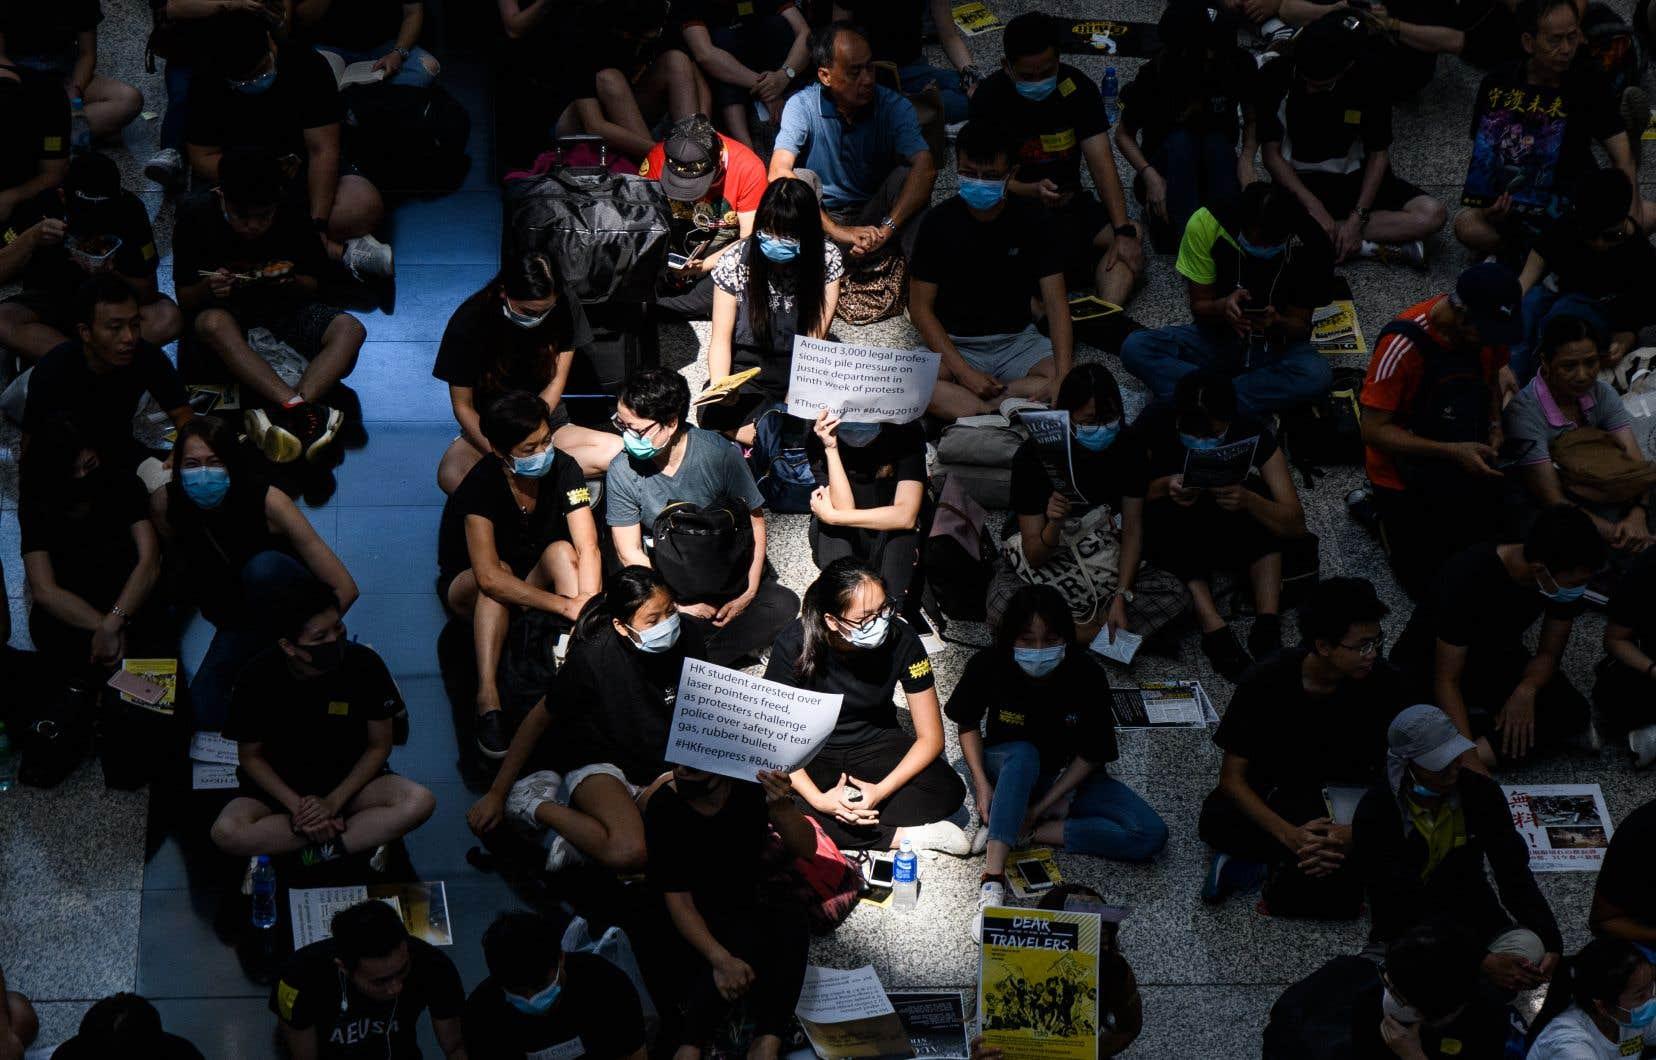 Les manifestants se sont rassemblés, à l'aéroport international de Hong Kong, contre un projet de loi controversé sur l'extradition.